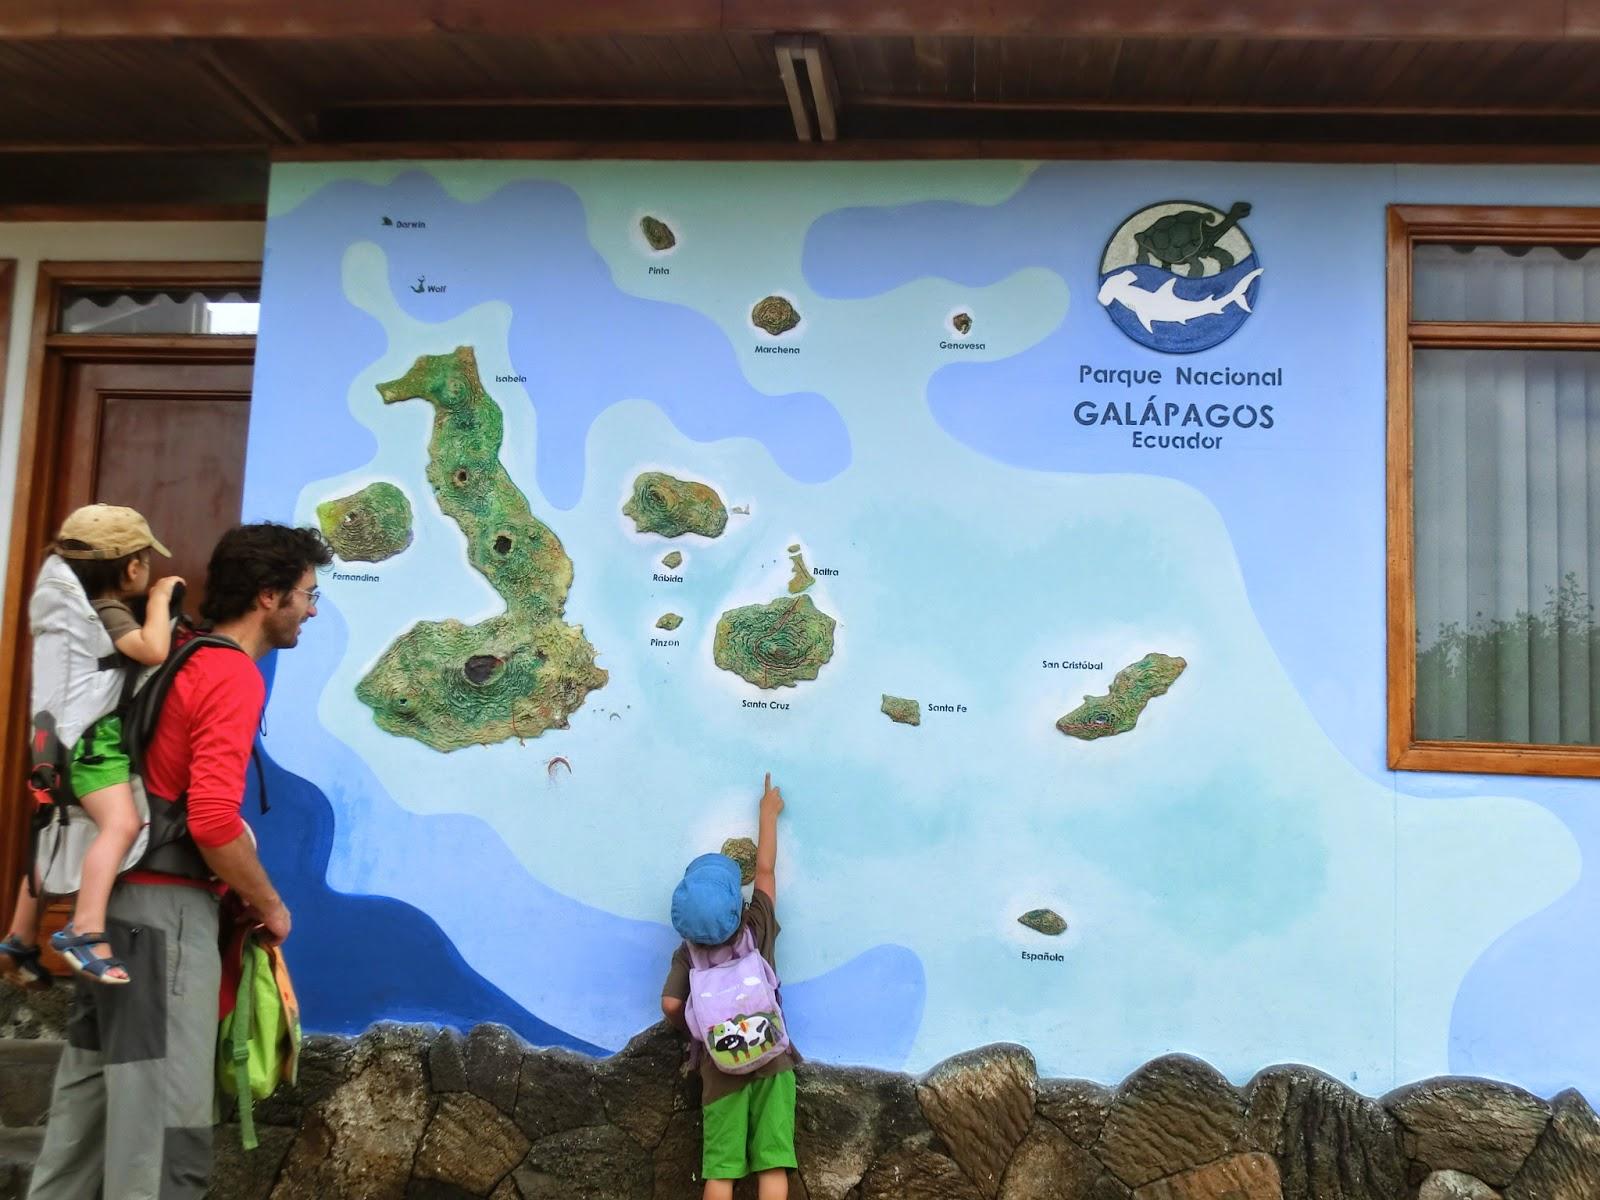 PARQUE NACIONAL GALÁPAGOS: EL PARAÍSO DE LOS NATURALISTAS